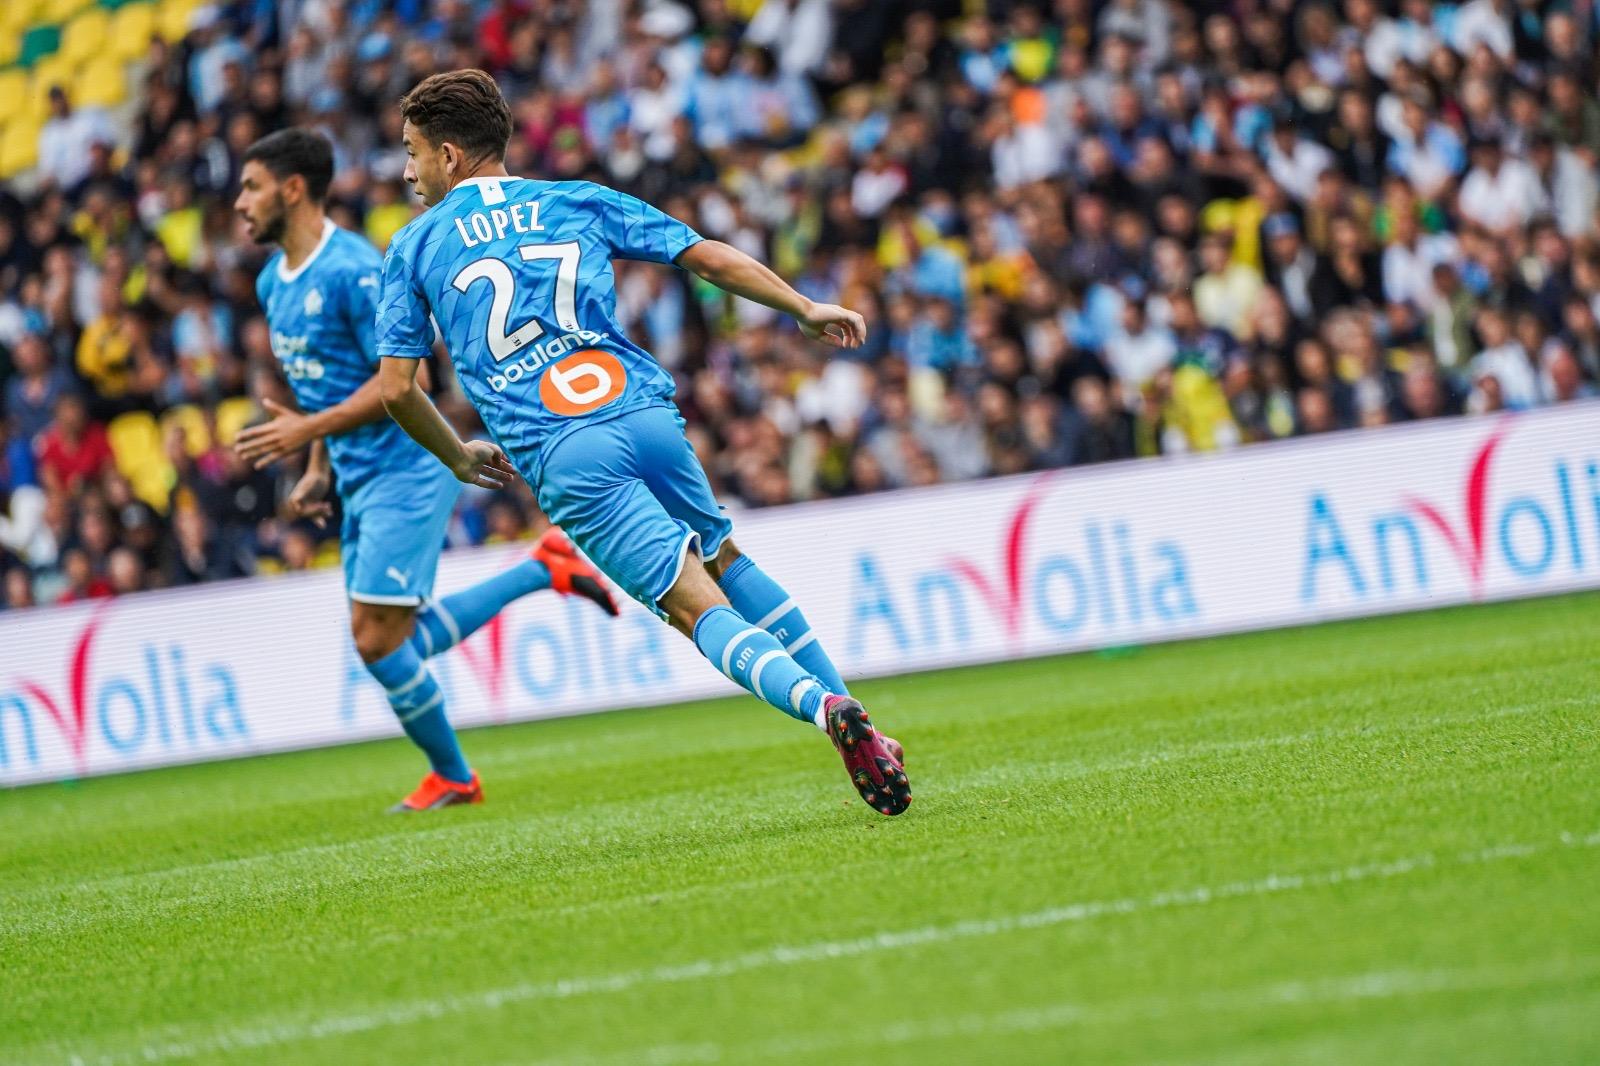 #Ligue1 - L'OM s'impose à Angers et met la pression sur le PSG